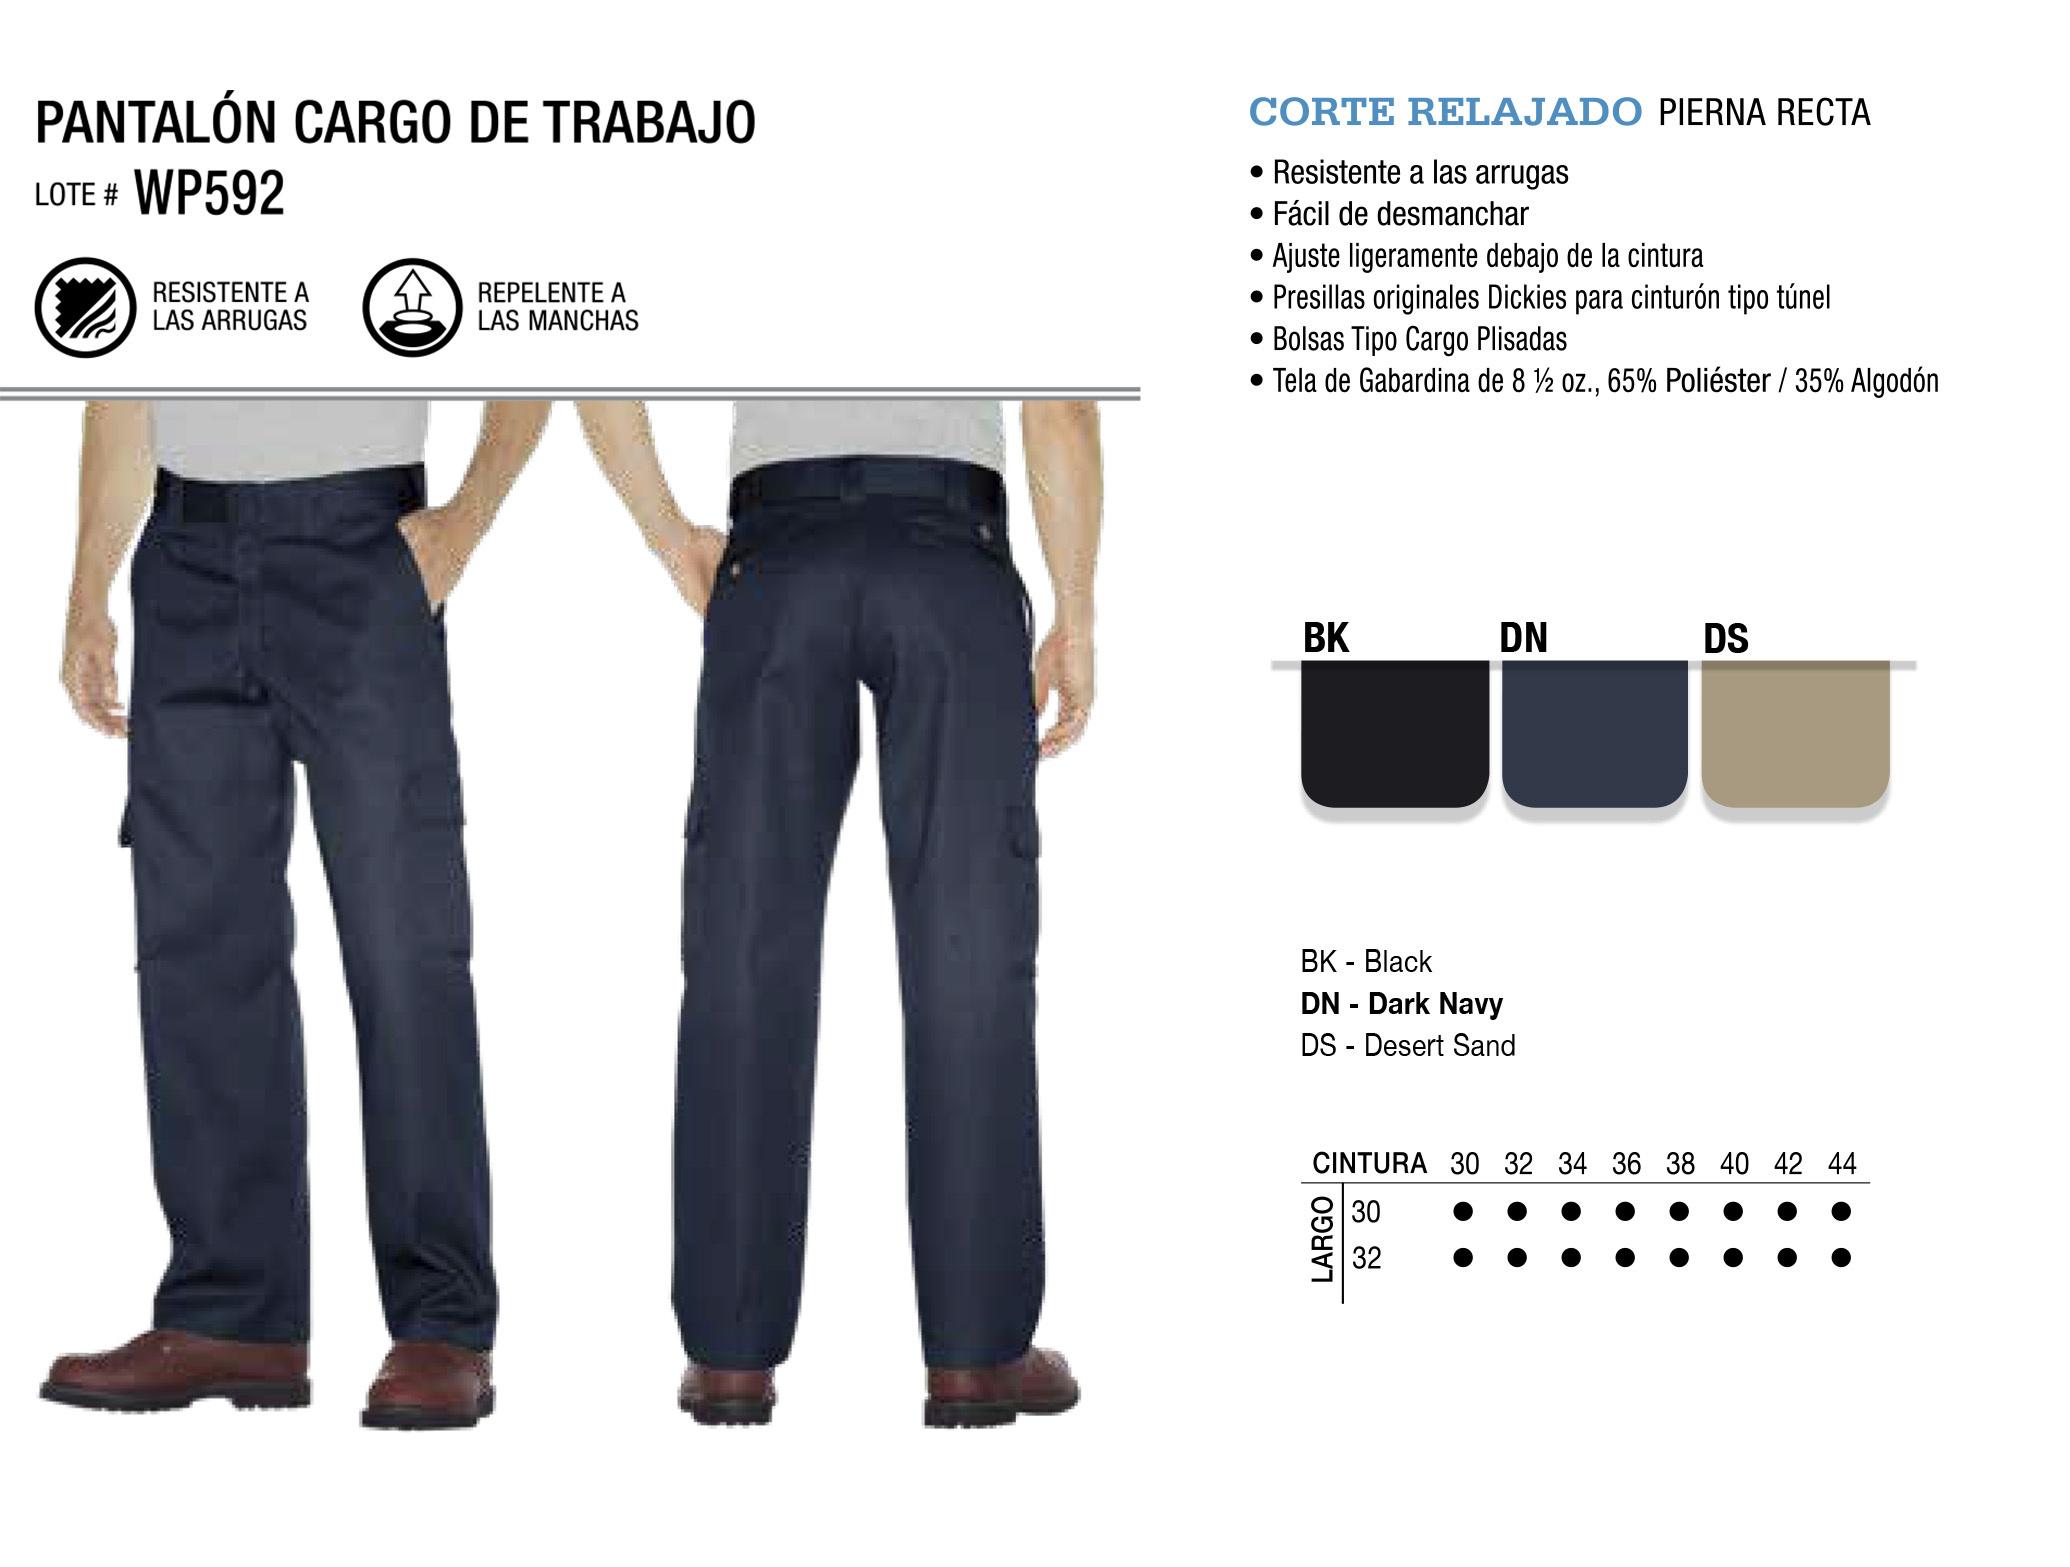 Pantalón Cargo de Trabajo. Corte Relajado. WP592,